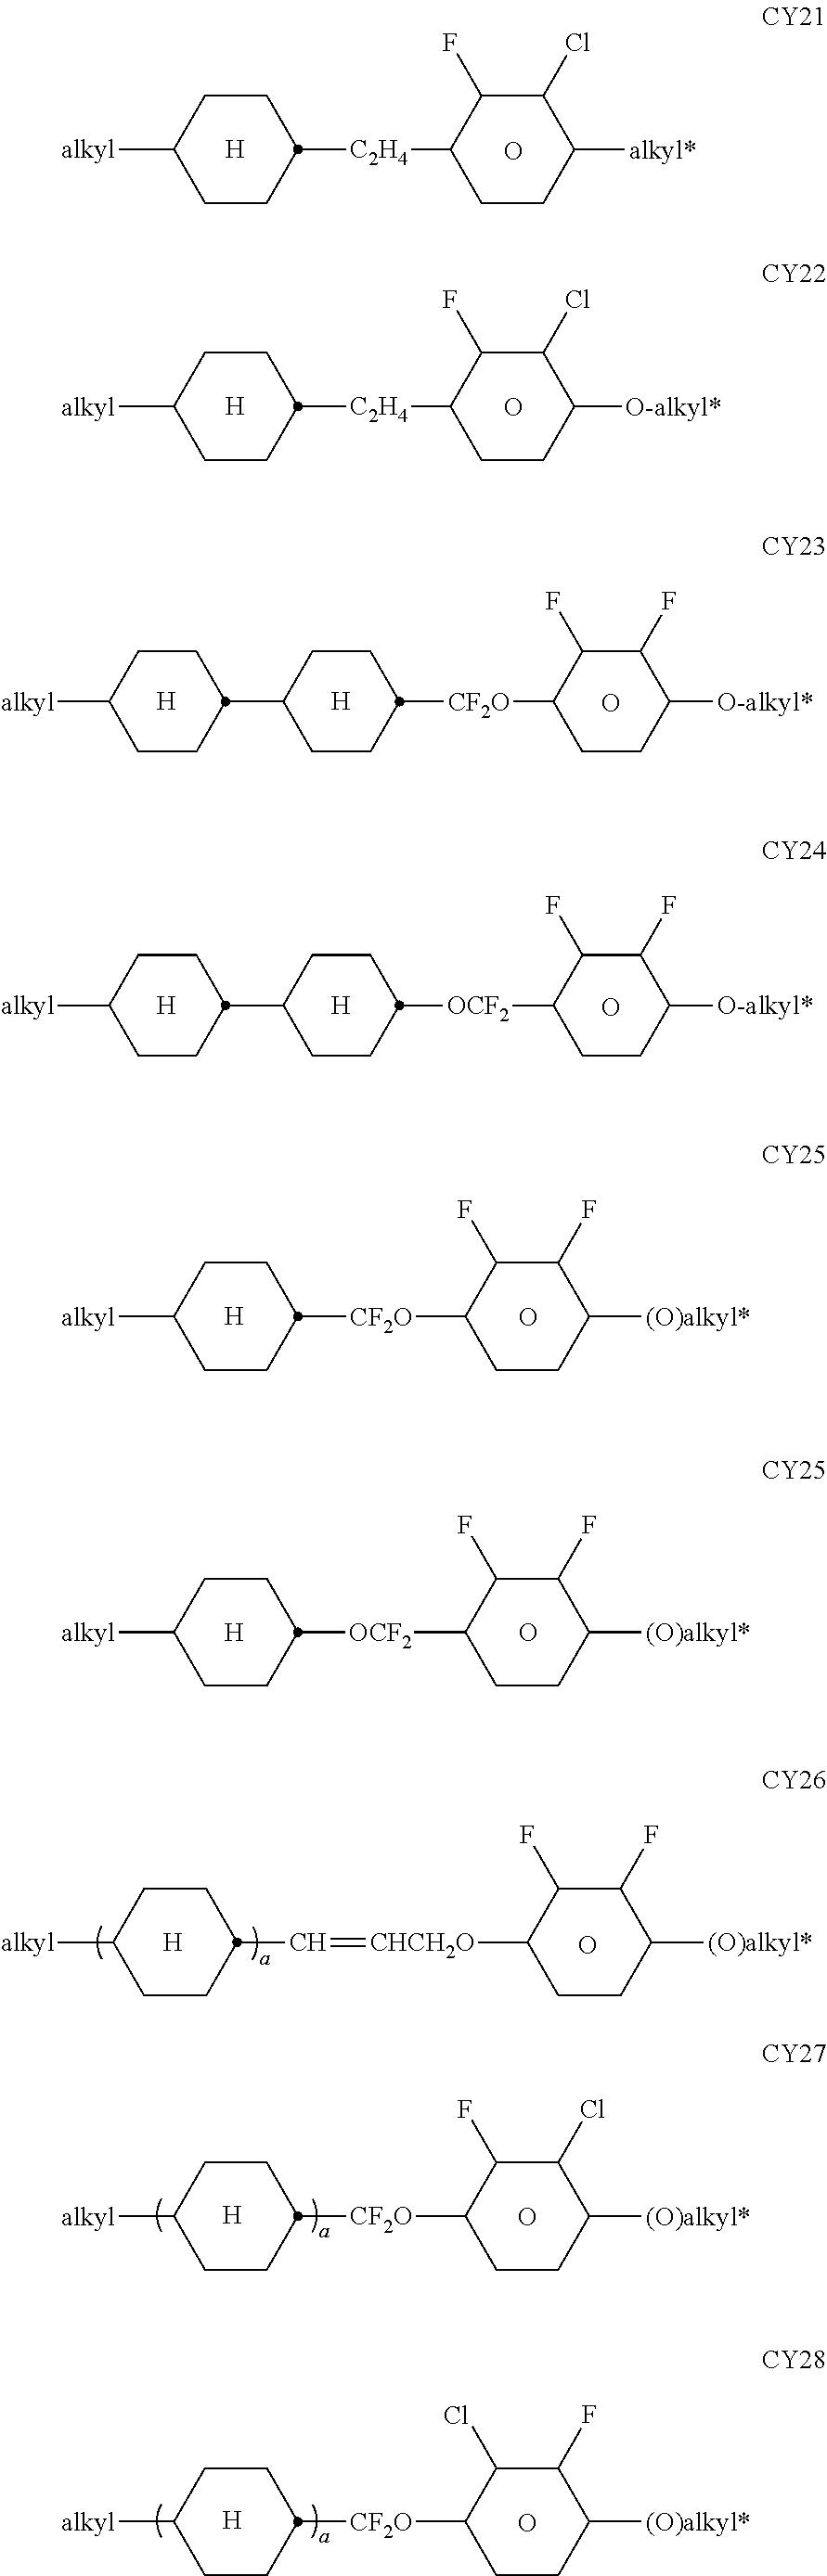 Figure US20110051049A1-20110303-C00014